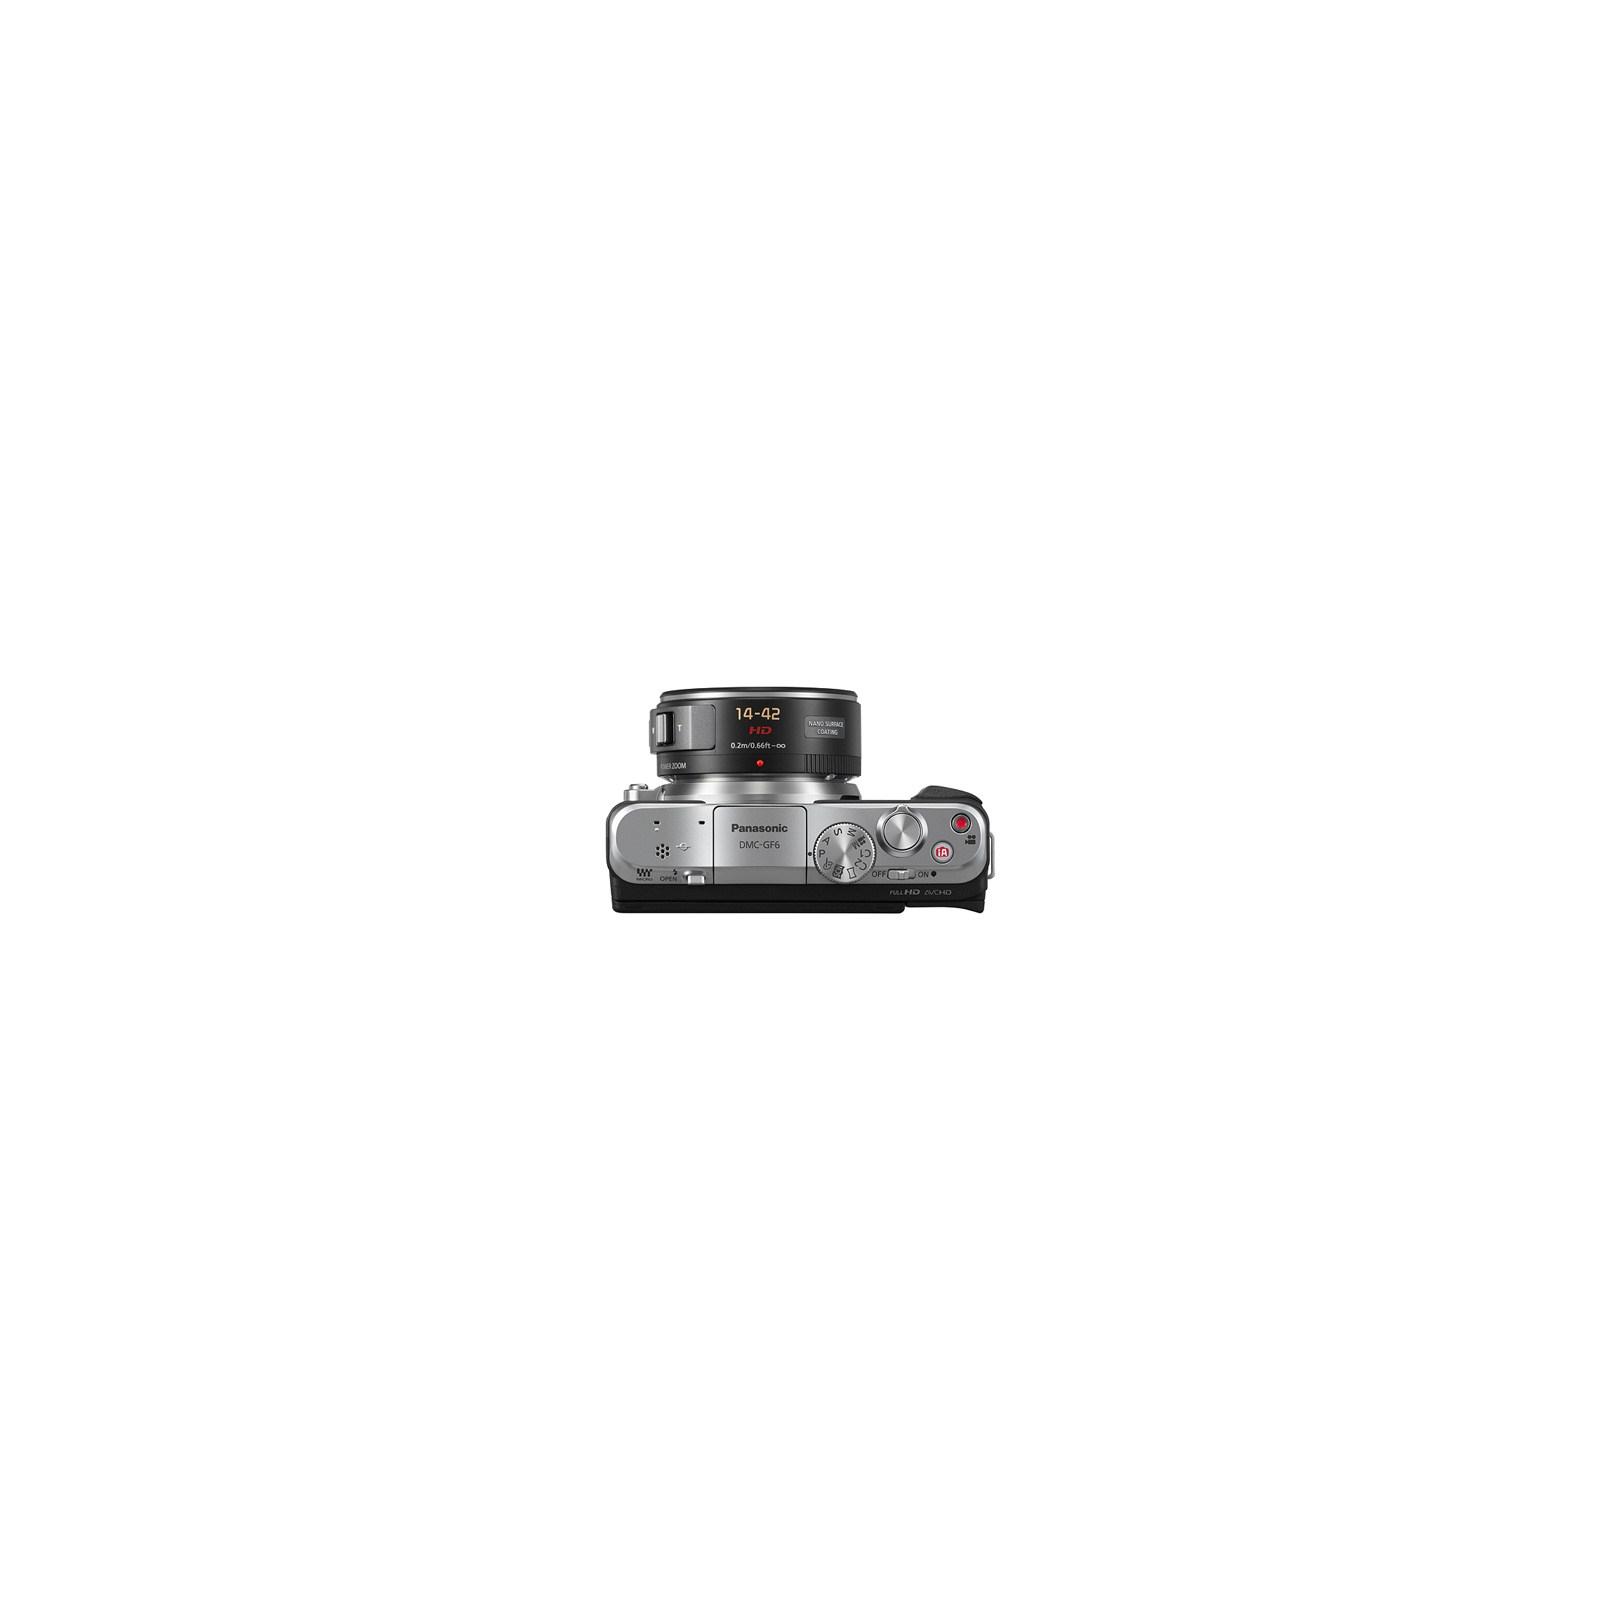 Цифровой фотоаппарат PANASONIC DMC-GF6X black 14-42 kit (DMC-GF6XEE-K) изображение 3